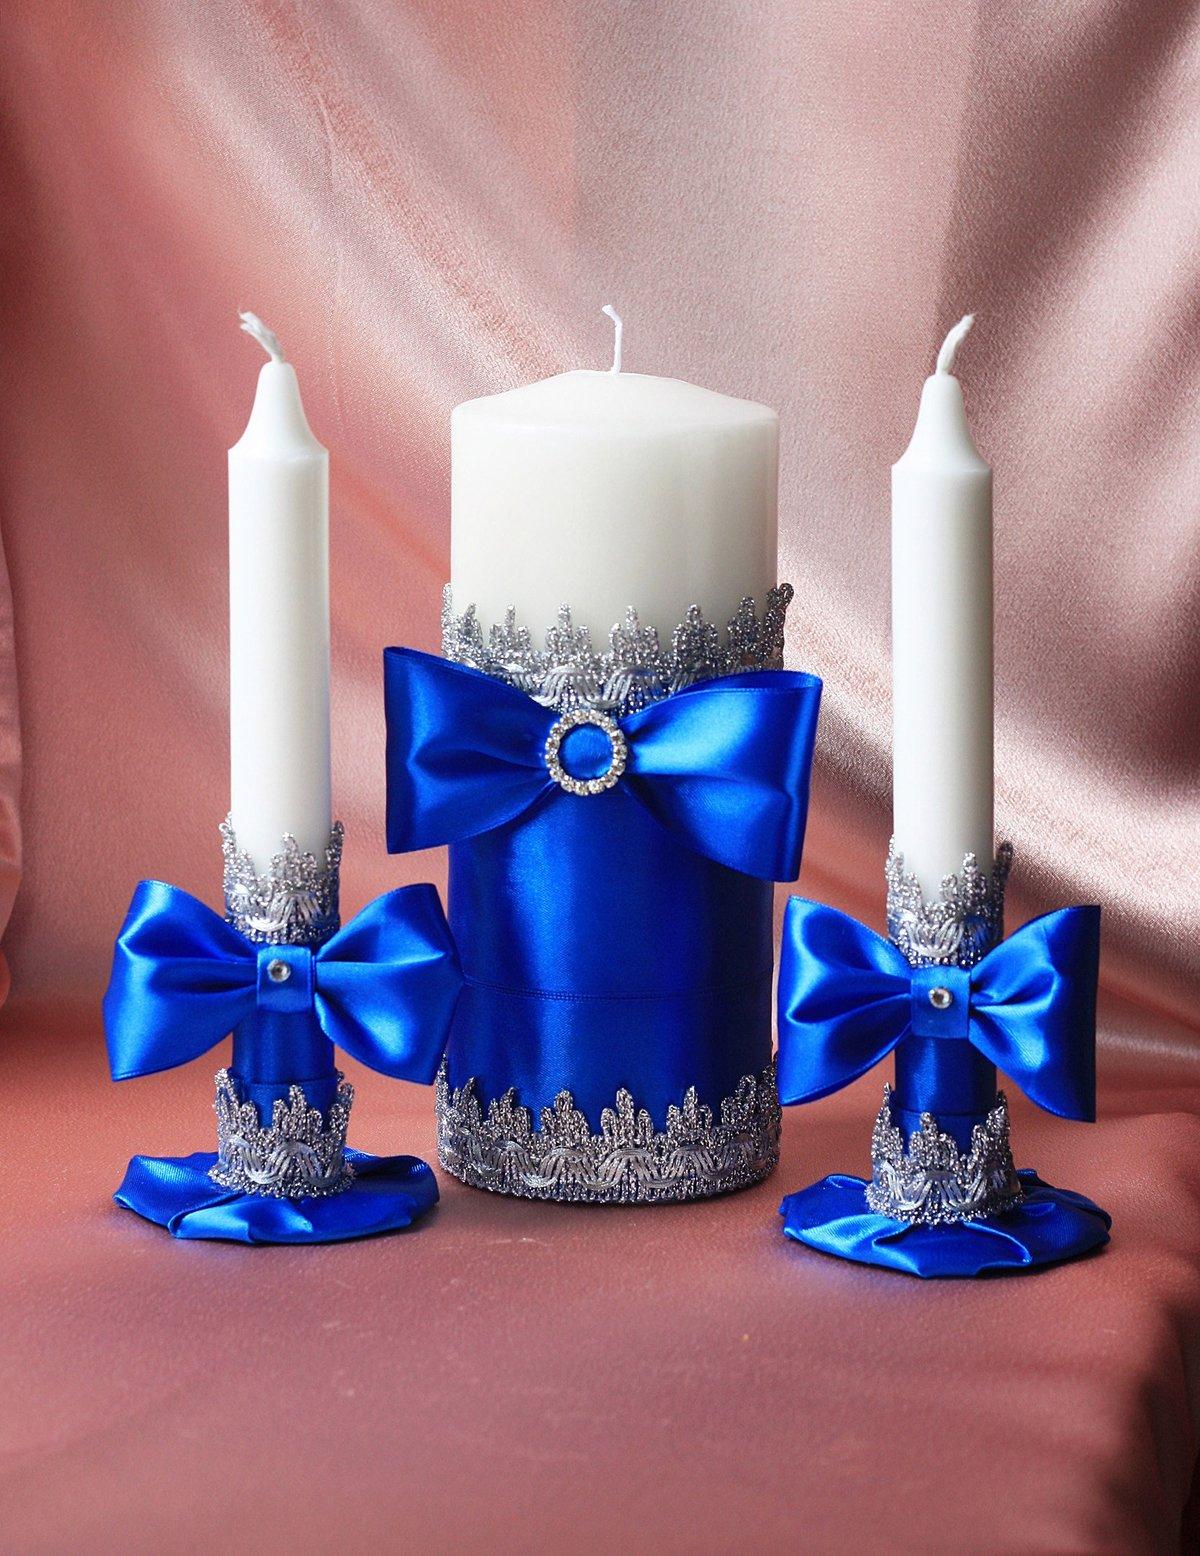 Новогодние свечи 2019 своими руками: техники изготовления, декупаж, фото вариантов декора свечей